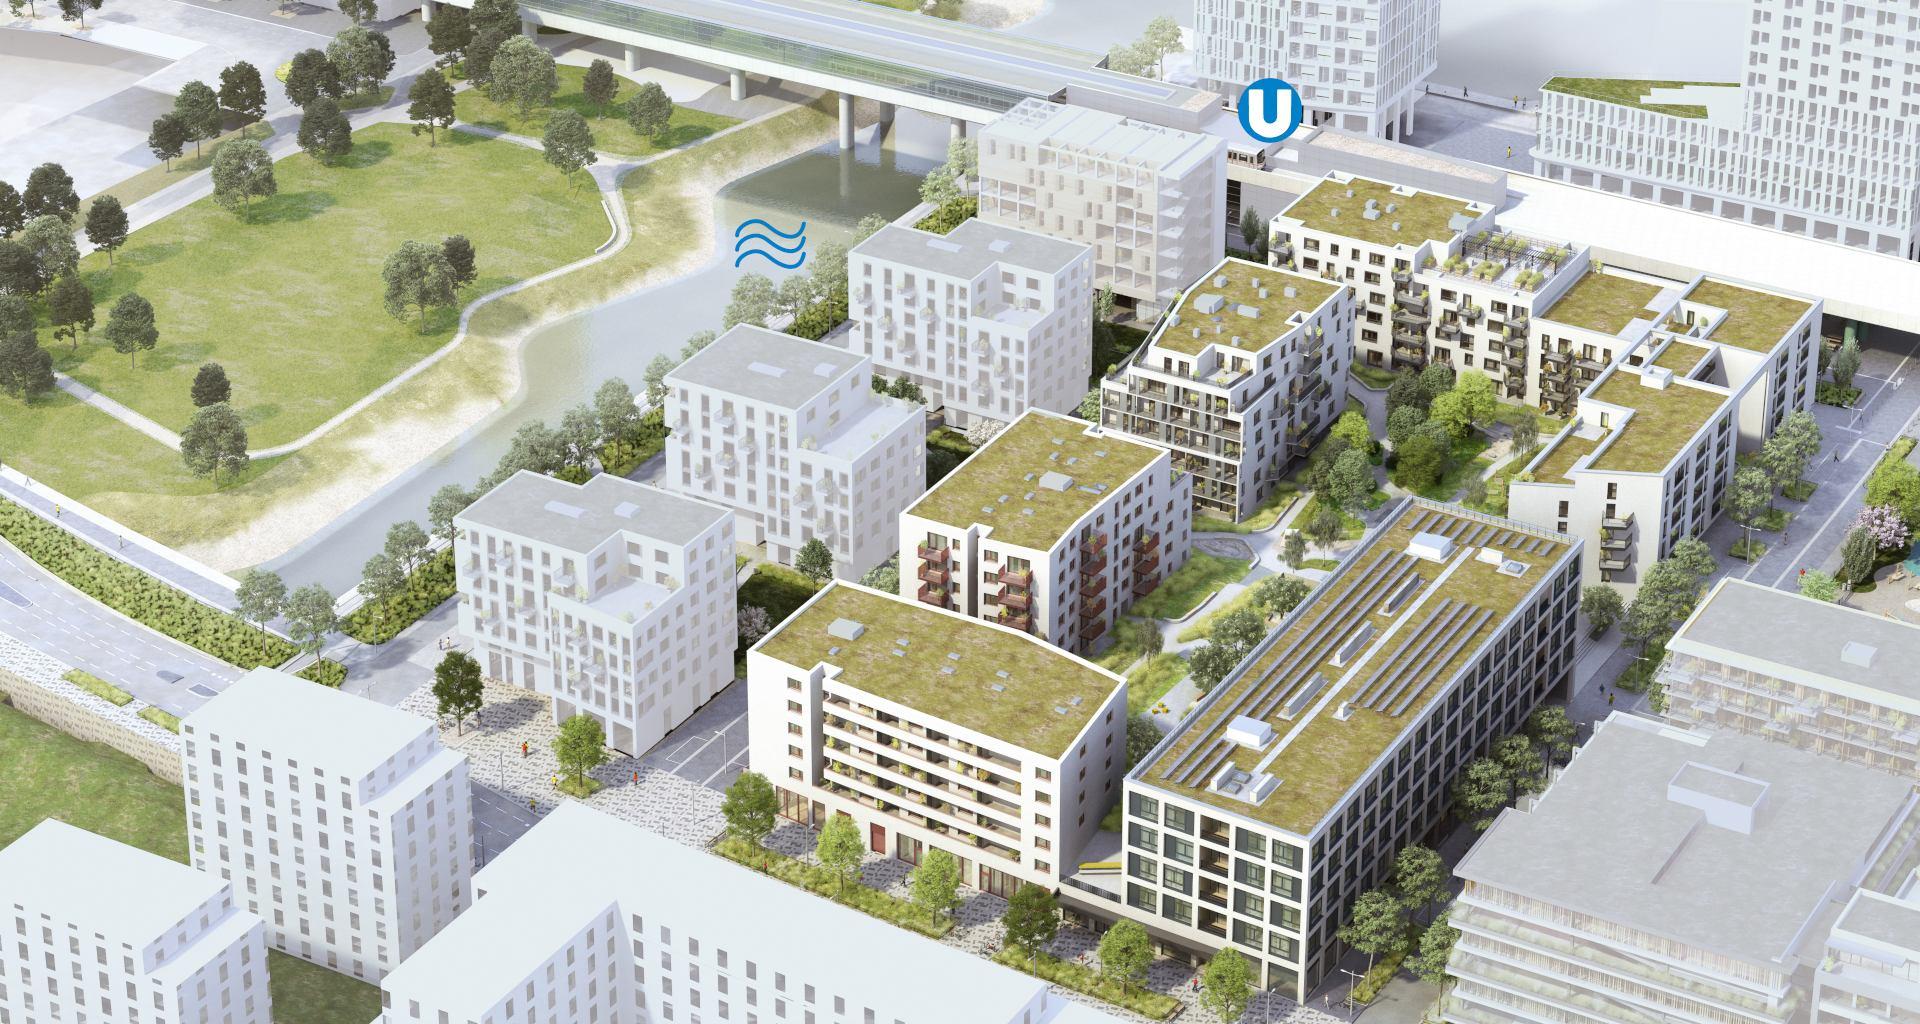 Luftbild vom Areal Wohnen & Gewerbehof